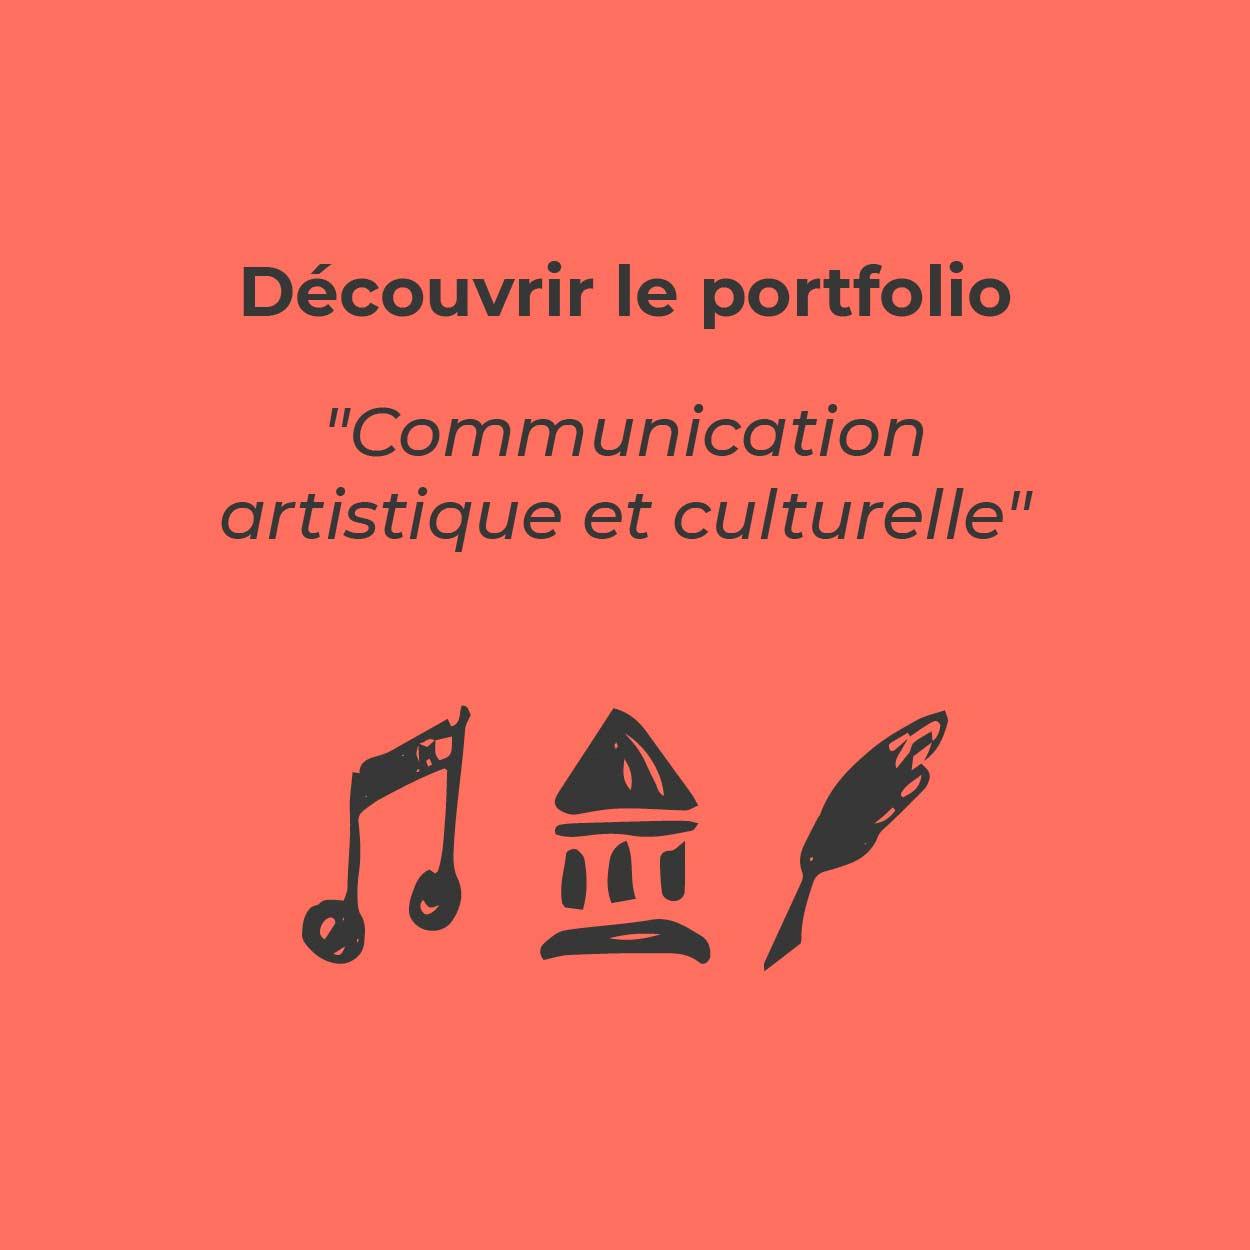 Bouton pour découvrir le portfolio «Communication artistique et culturelle»